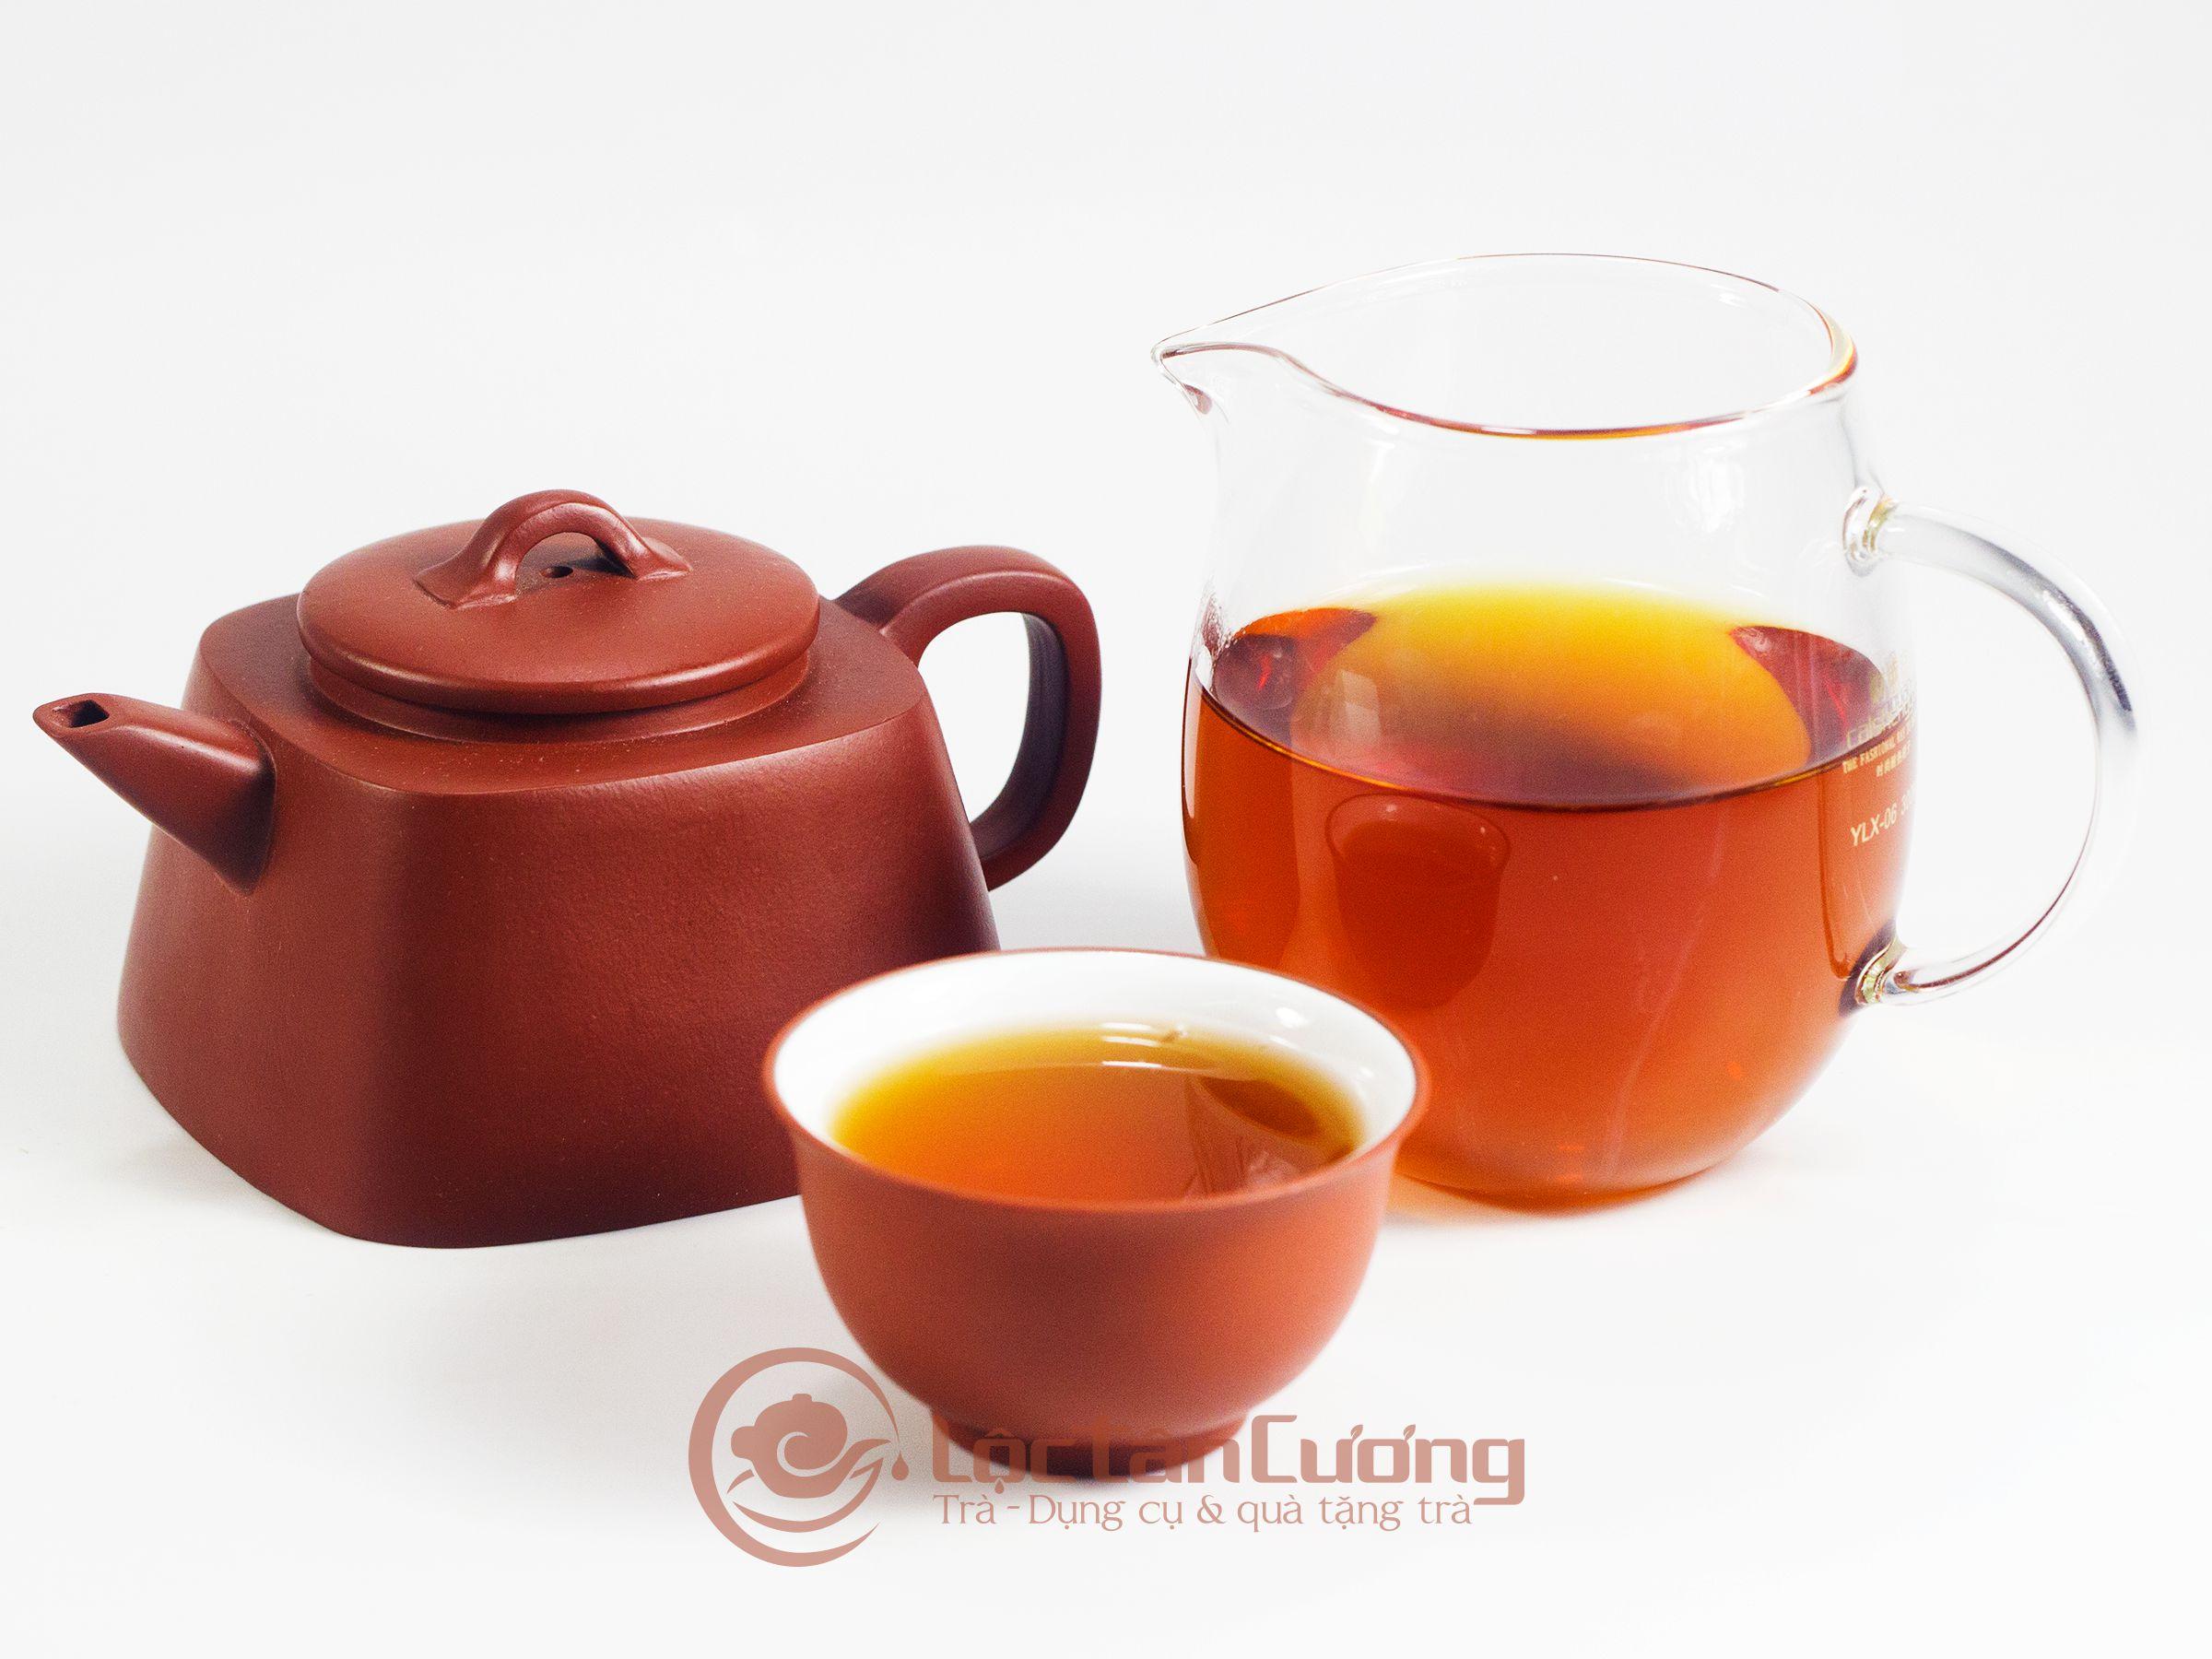 Hồng Shan Trà Hà Giang hayHồng Trà Hà Giang là loại trà được lấy nguyên liệu từ búp trà 1 tôm 1 lá non của cây chè cổ thụ trên 200 năm tuổi tại núi Tây Côn Lĩnh, tỉnh Hà Giang